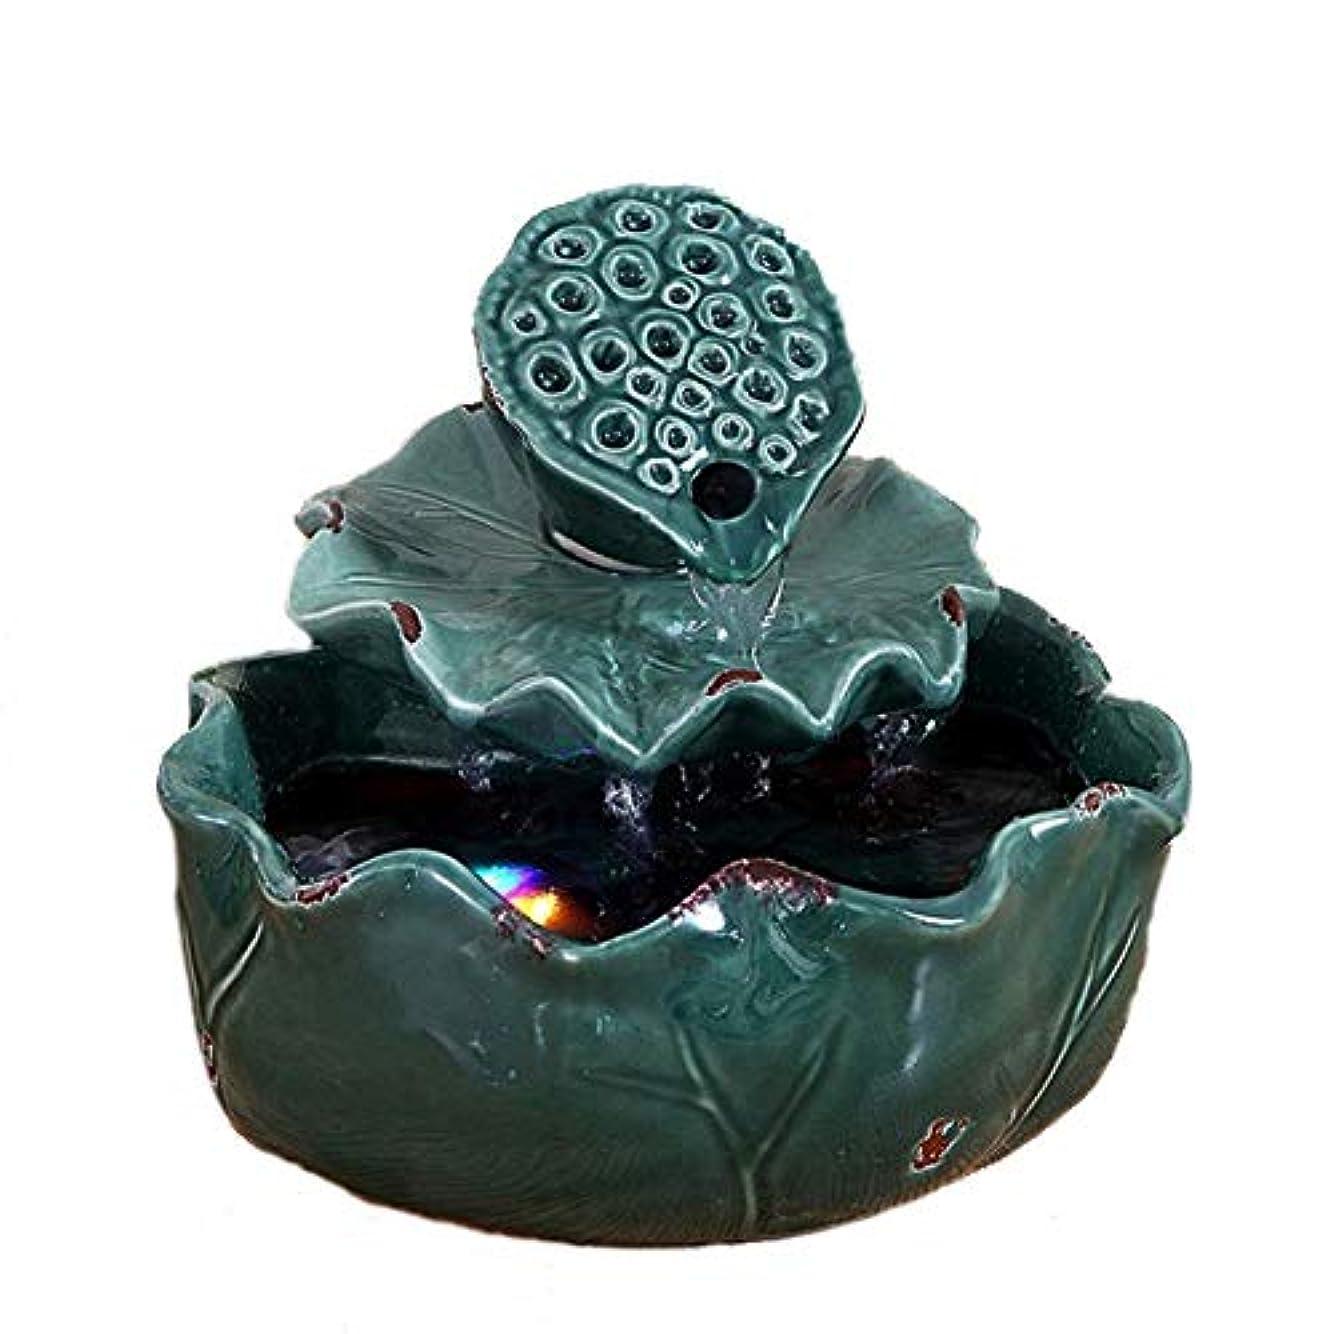 なぞらえるインペリアル形容詞空気加湿器クリエイティブロータス卓上装飾装飾セラミック工芸絶妙なギフト